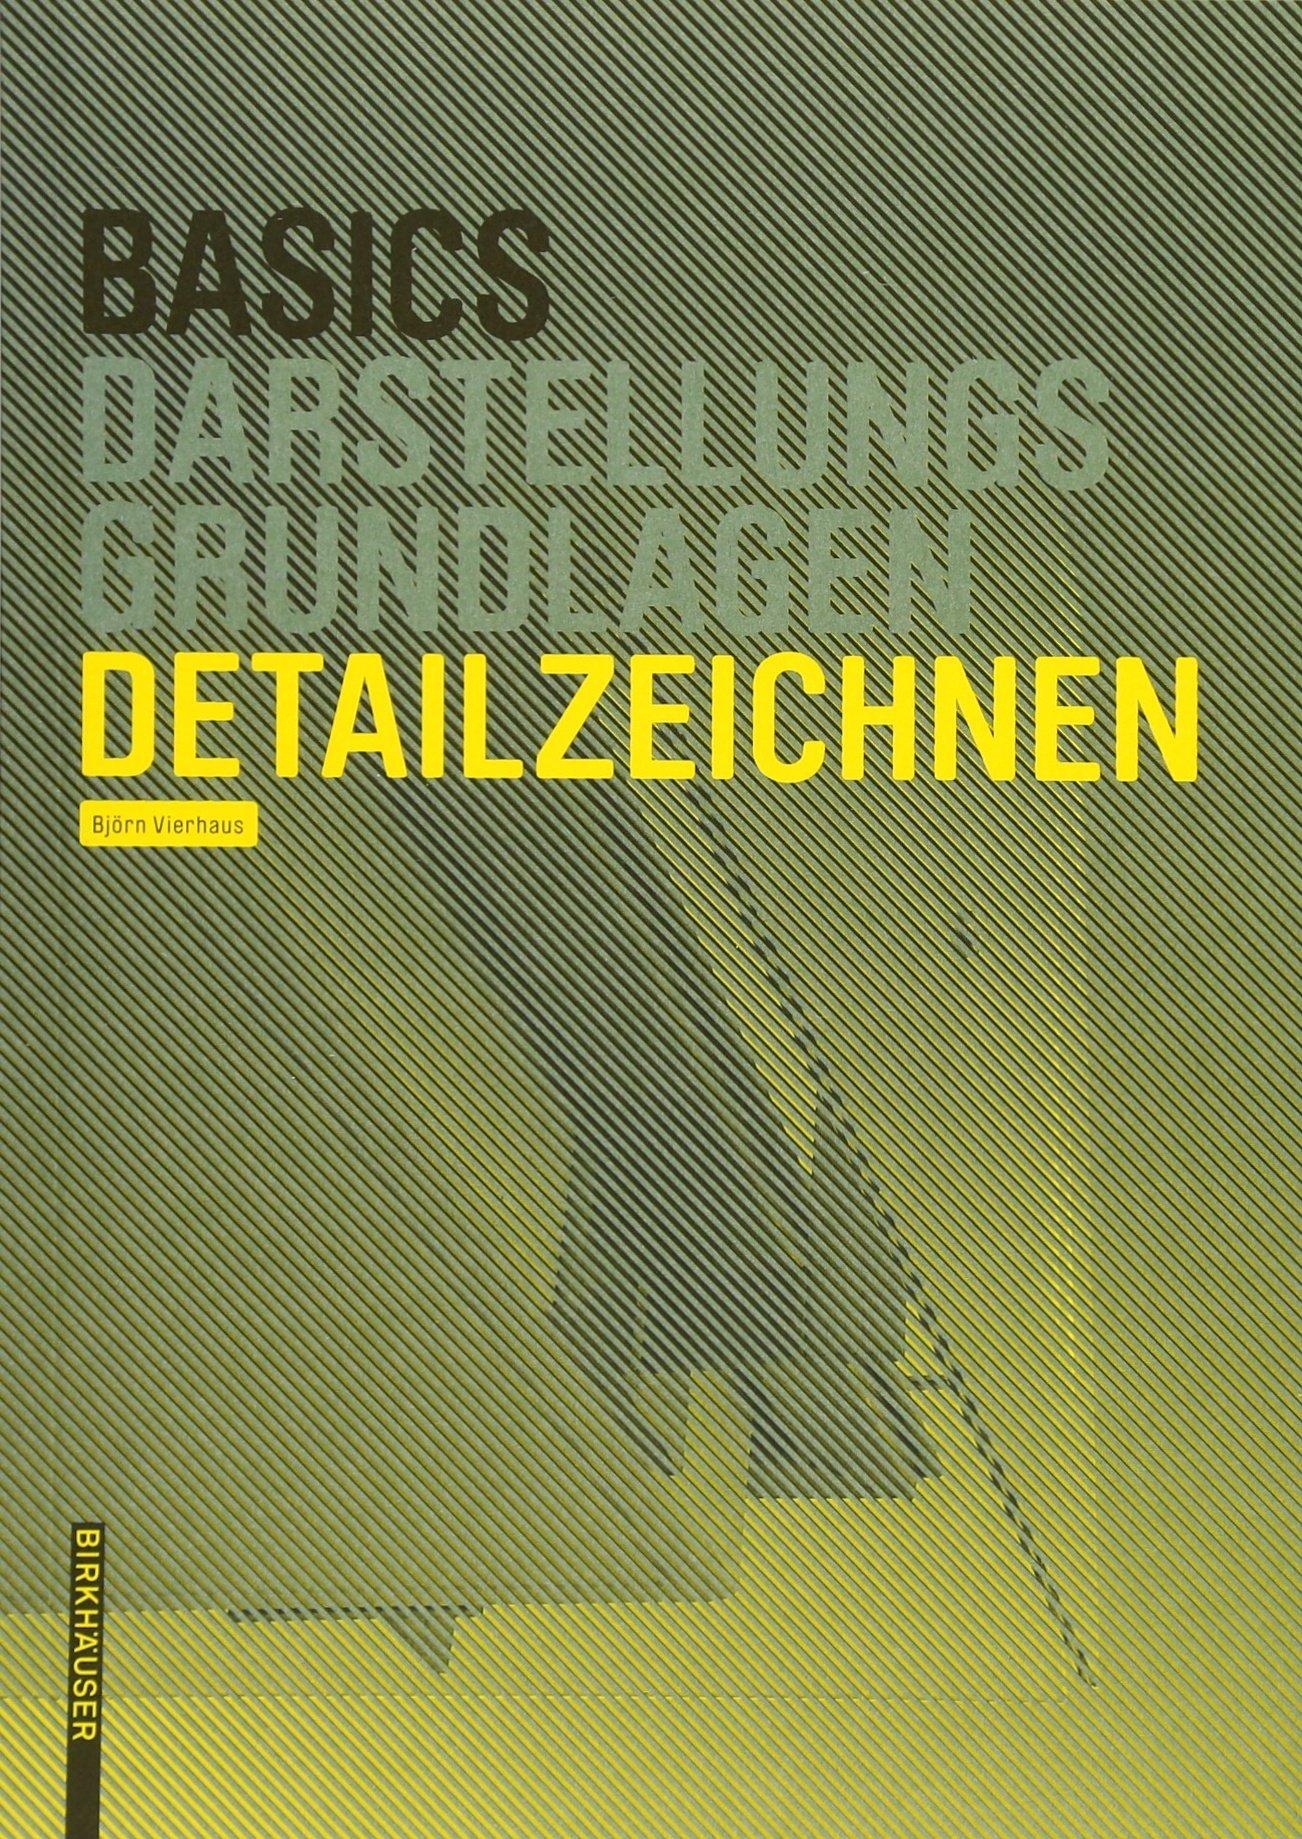 Basics Detailzeichnen Taschenbuch – 9. Januar 2018 Bert Bielefeld Birkhäuser 3035613761 Architektur